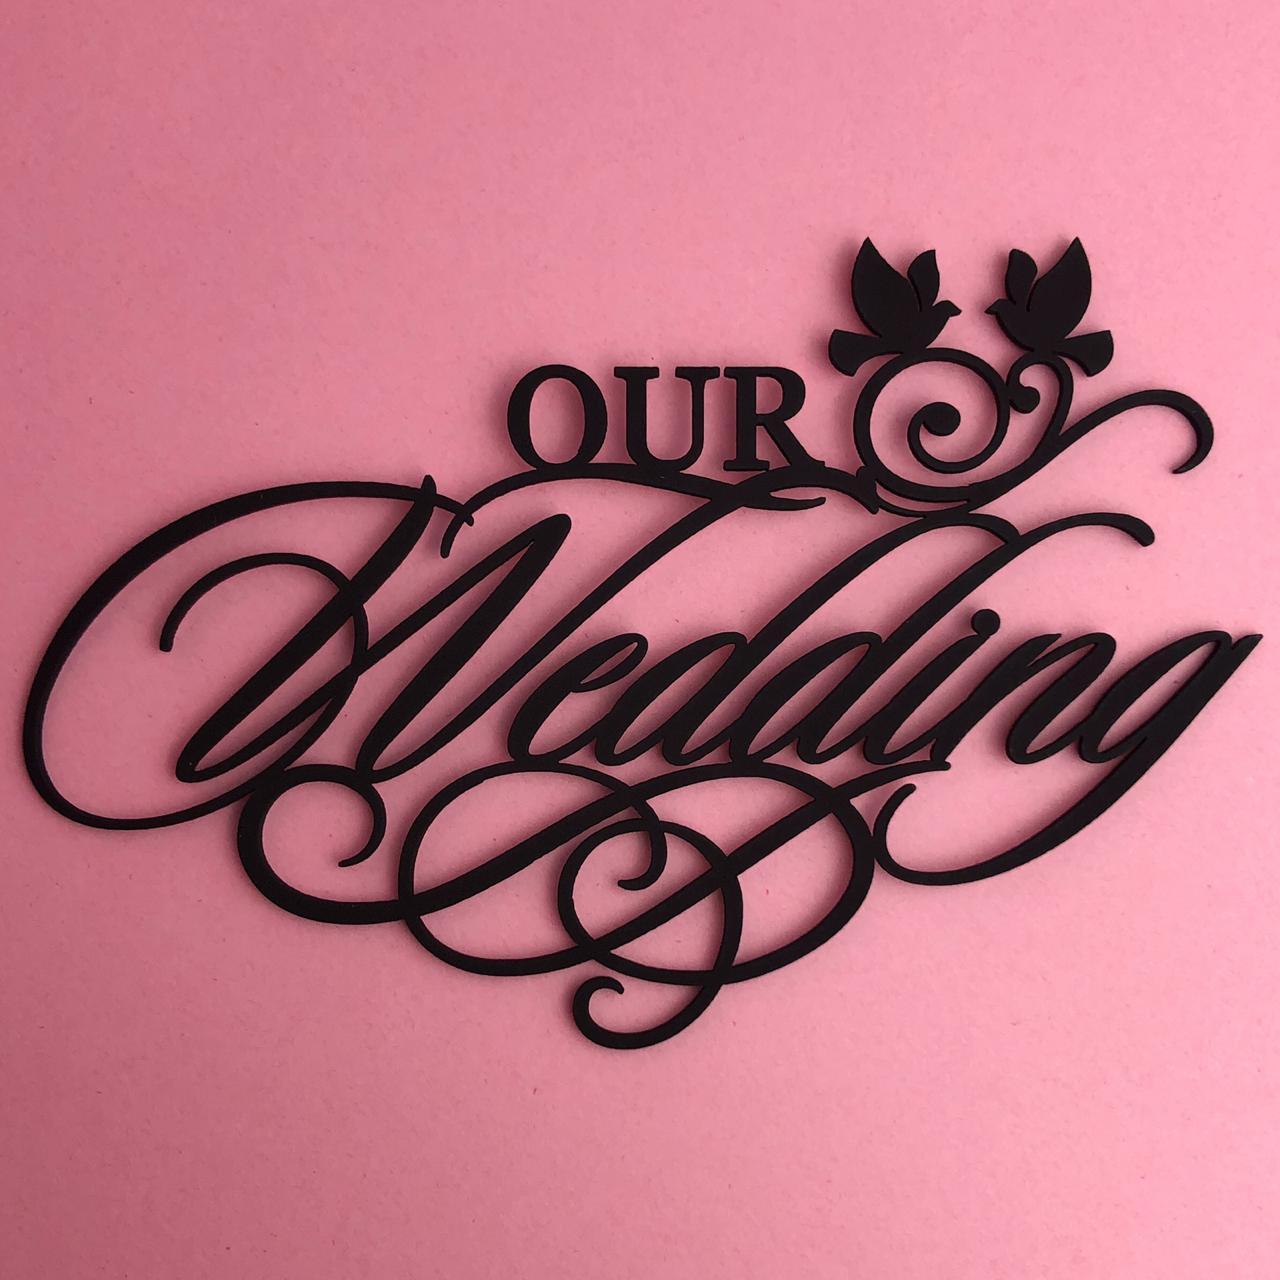 Enfeite Our Wedding (Nosso casamento) - BG Crafts (BG09)